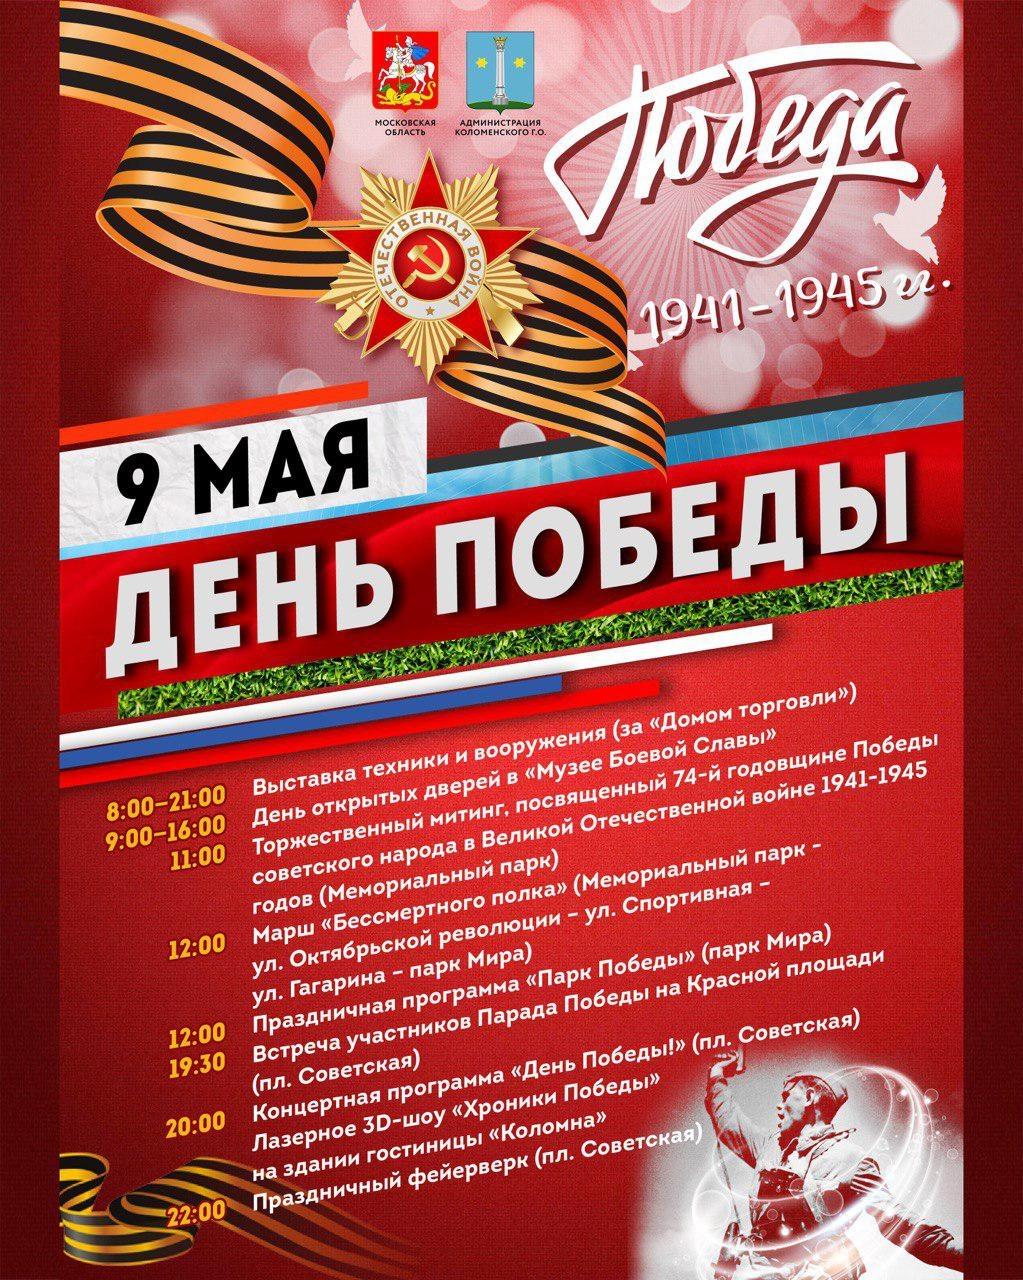 Программа празднования Дня Победы в Коломне